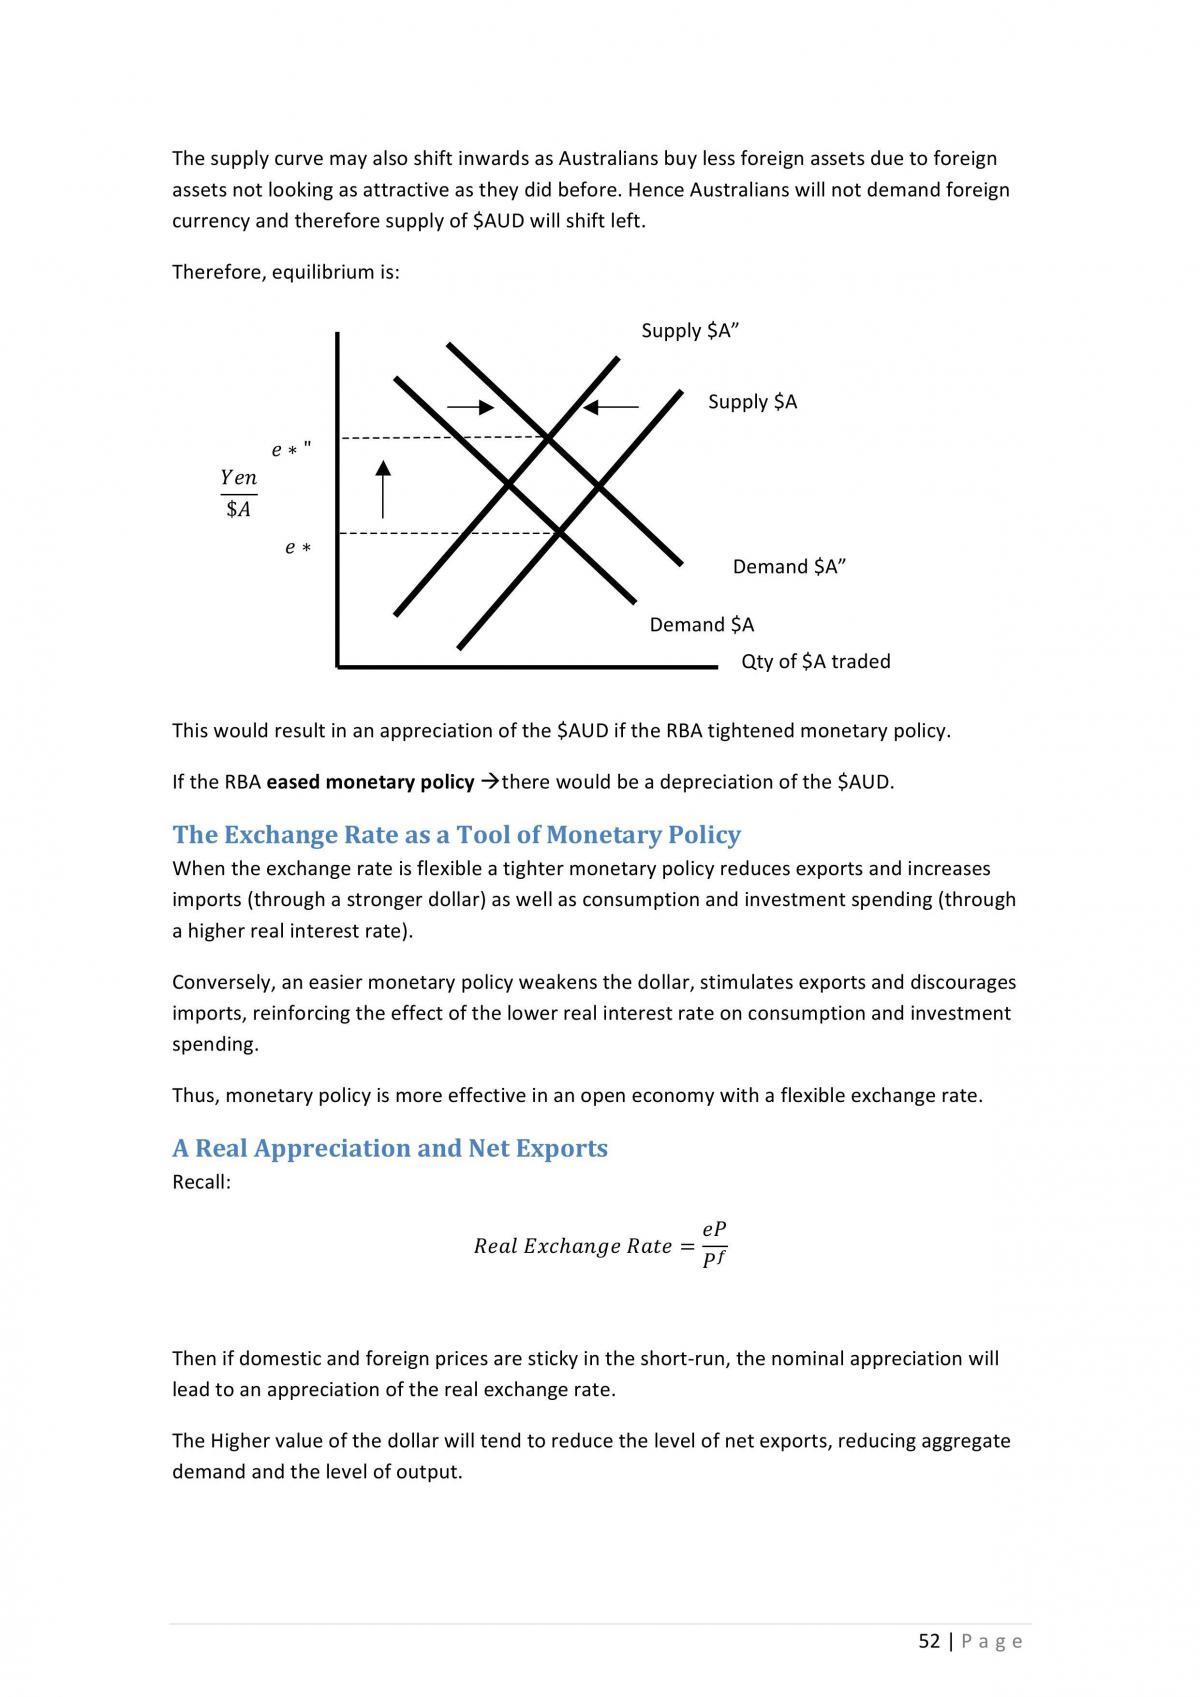 ECON1102 Macro Notes  - Page 52